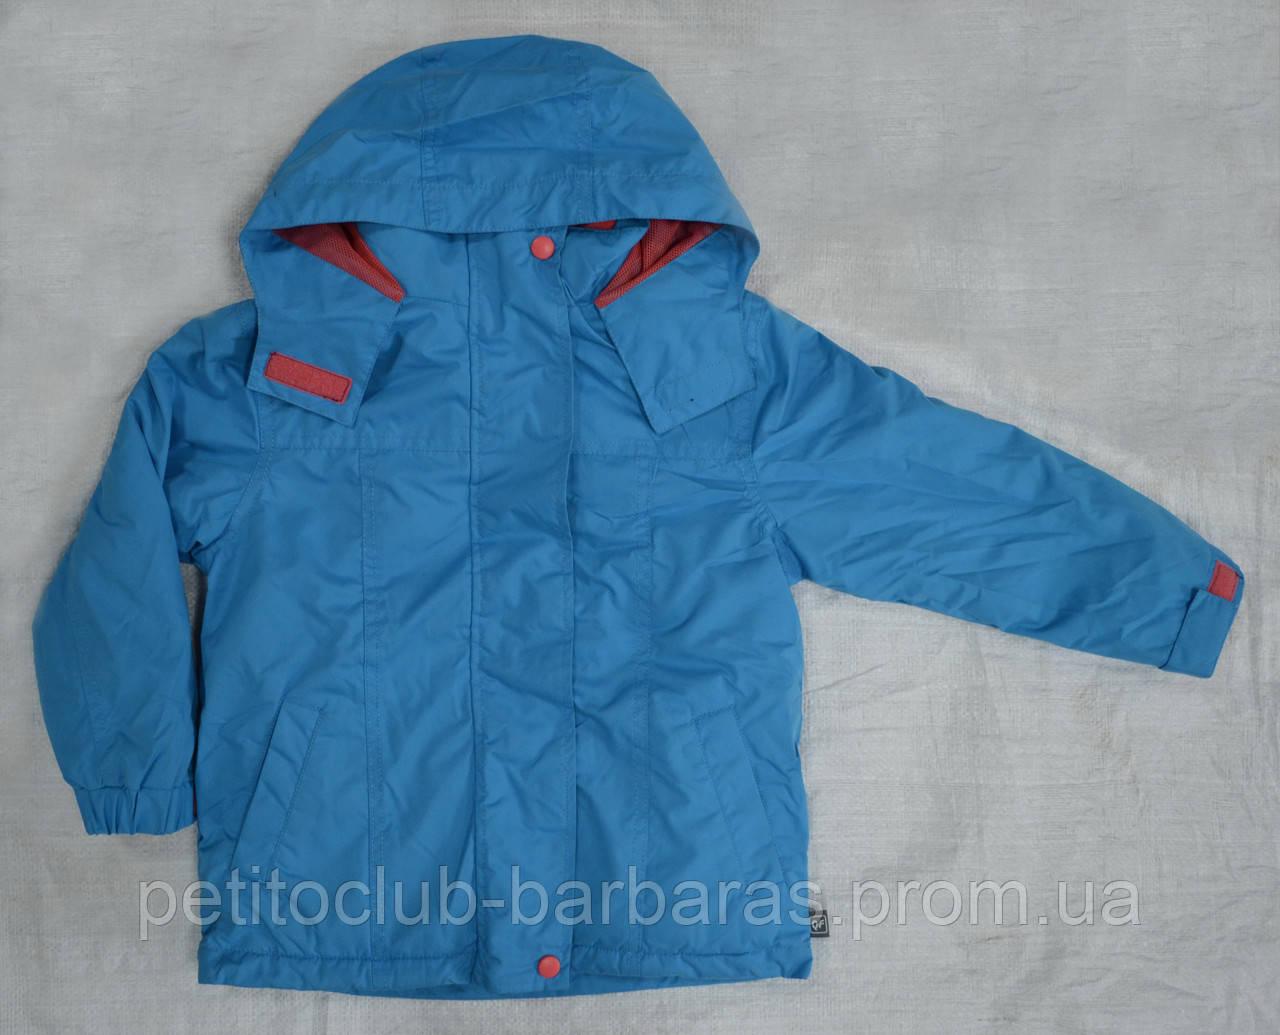 Детская куртка-ветровка с флисовой подстежкой голубая (QuadriFoglio, Польша)